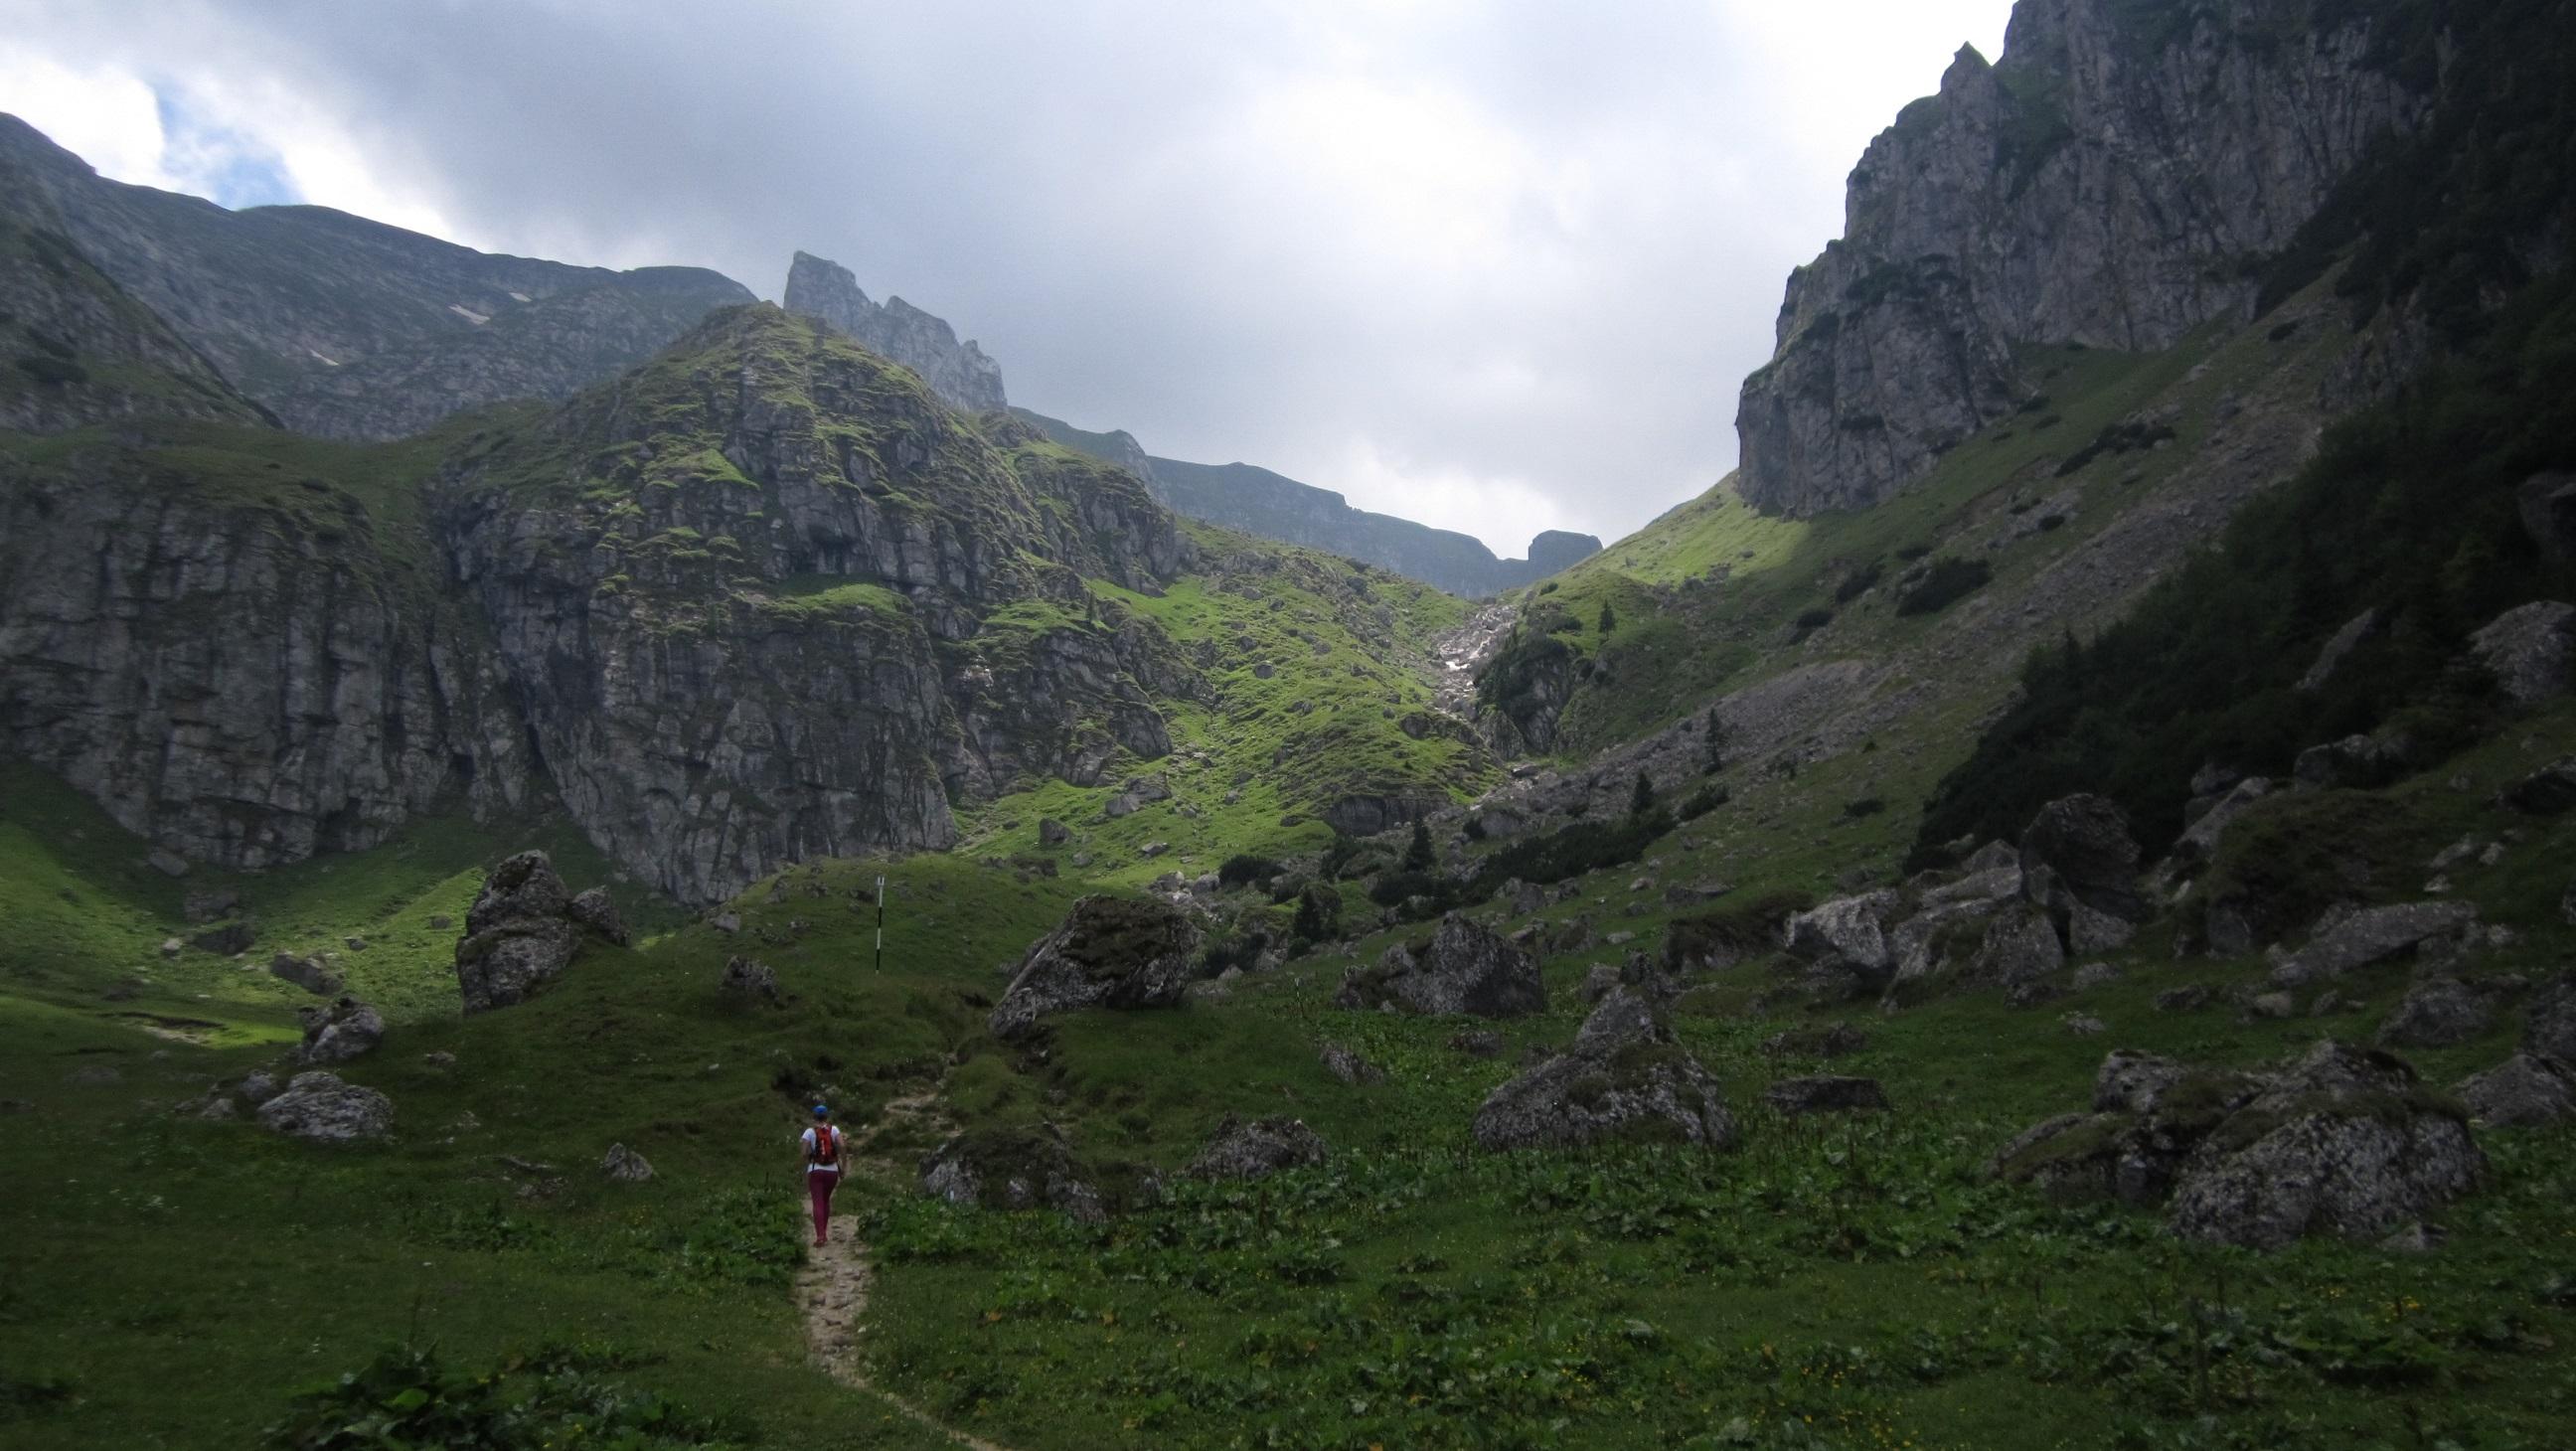 Plimbare – alergare in Bucegi, la deal spre hornuri